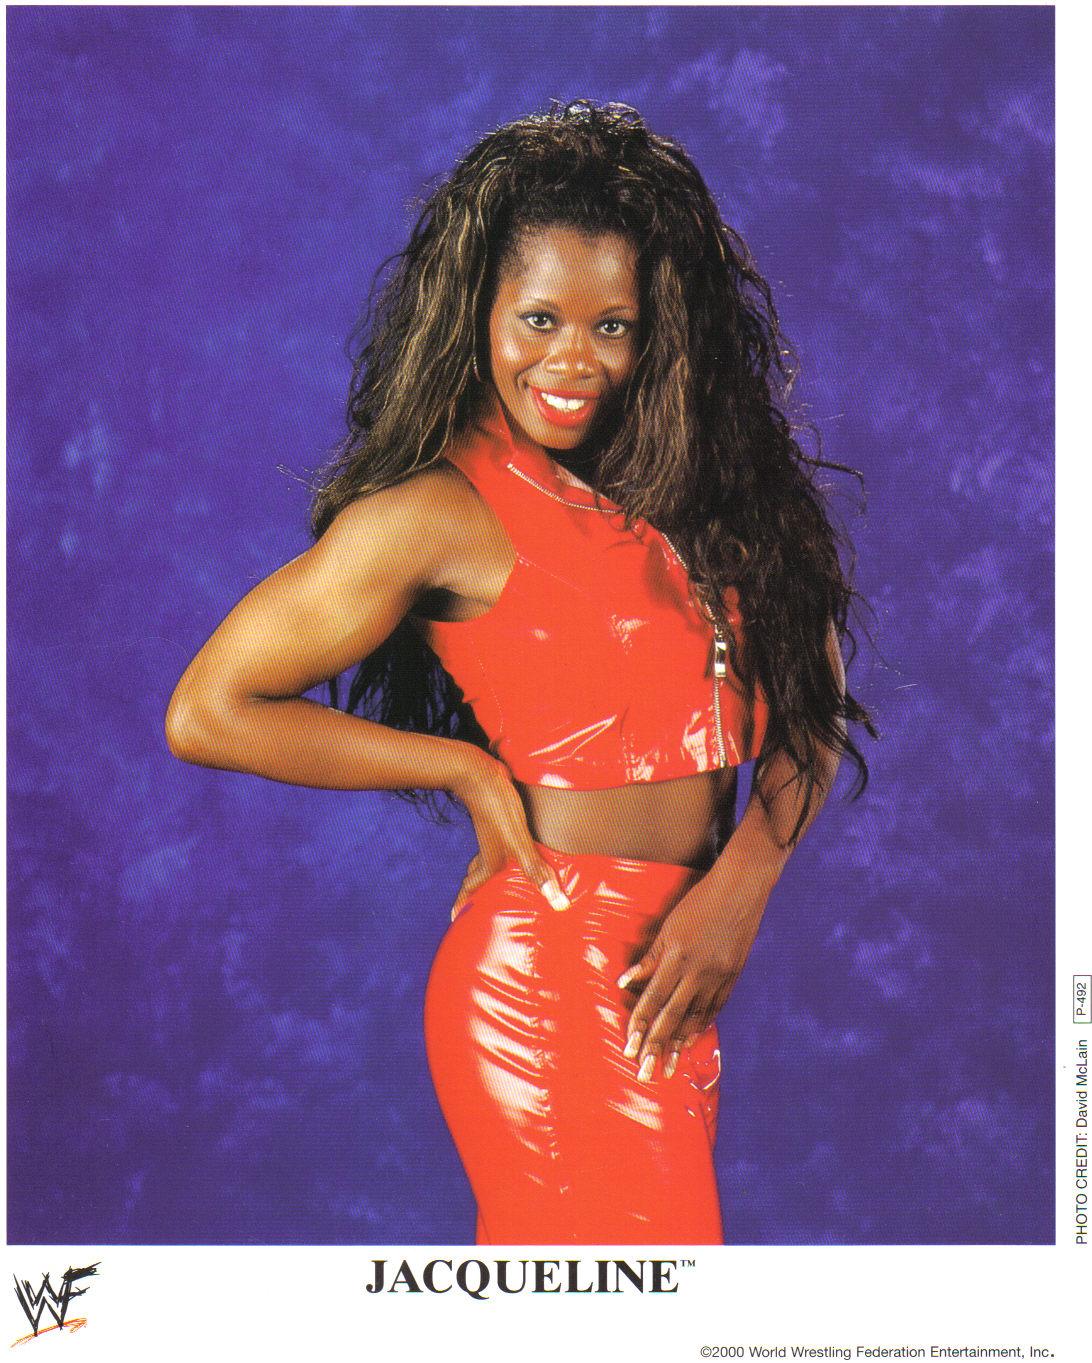 Jacqueline wrestler